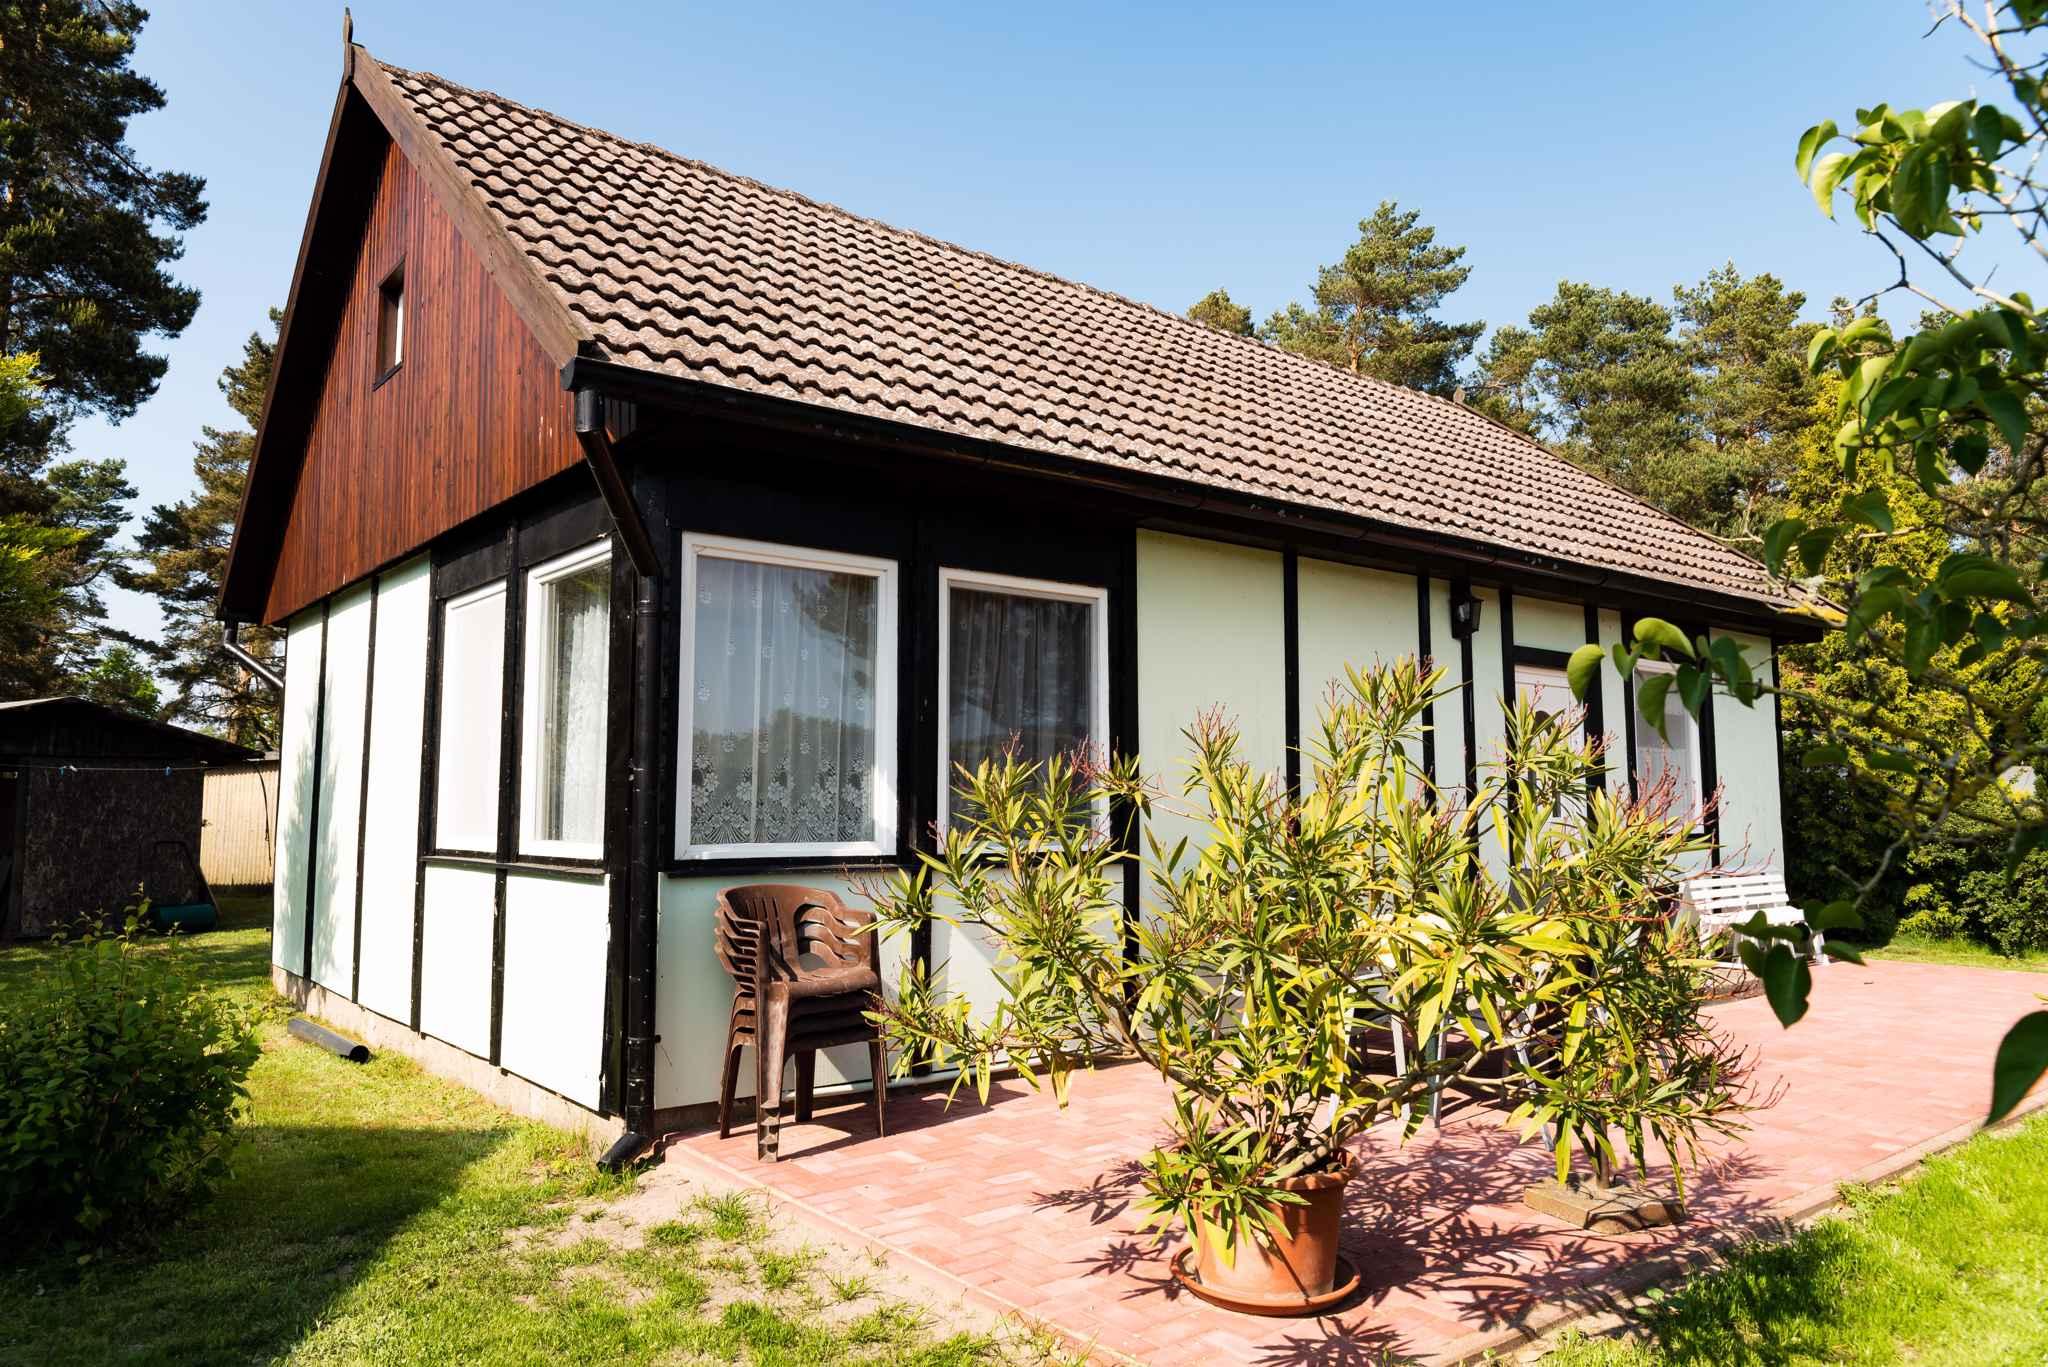 Ferienhaus Bungalow mit Terrasse und Garten (365438), Fuhlendorf, Ostseeküste Mecklenburg-Vorpommern, Mecklenburg-Vorpommern, Deutschland, Bild 4